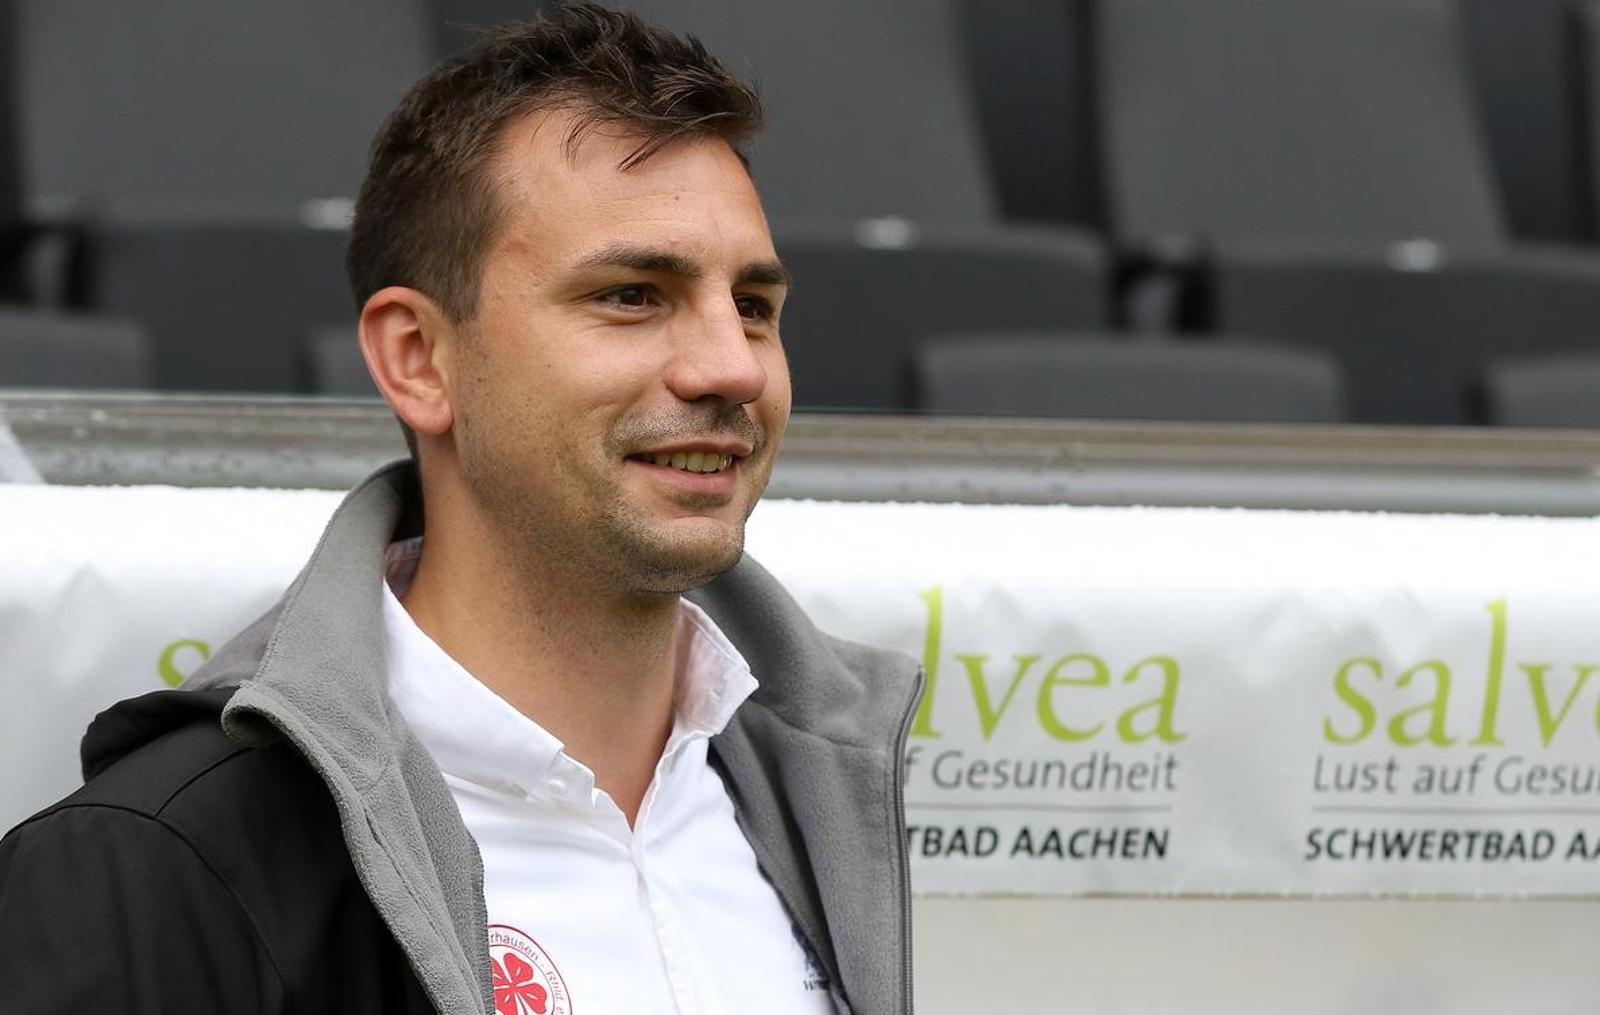 Jörn Nowak wird neuer Sportdirektor bei Rot-Weiss Essen. (Foto: Ketzer)